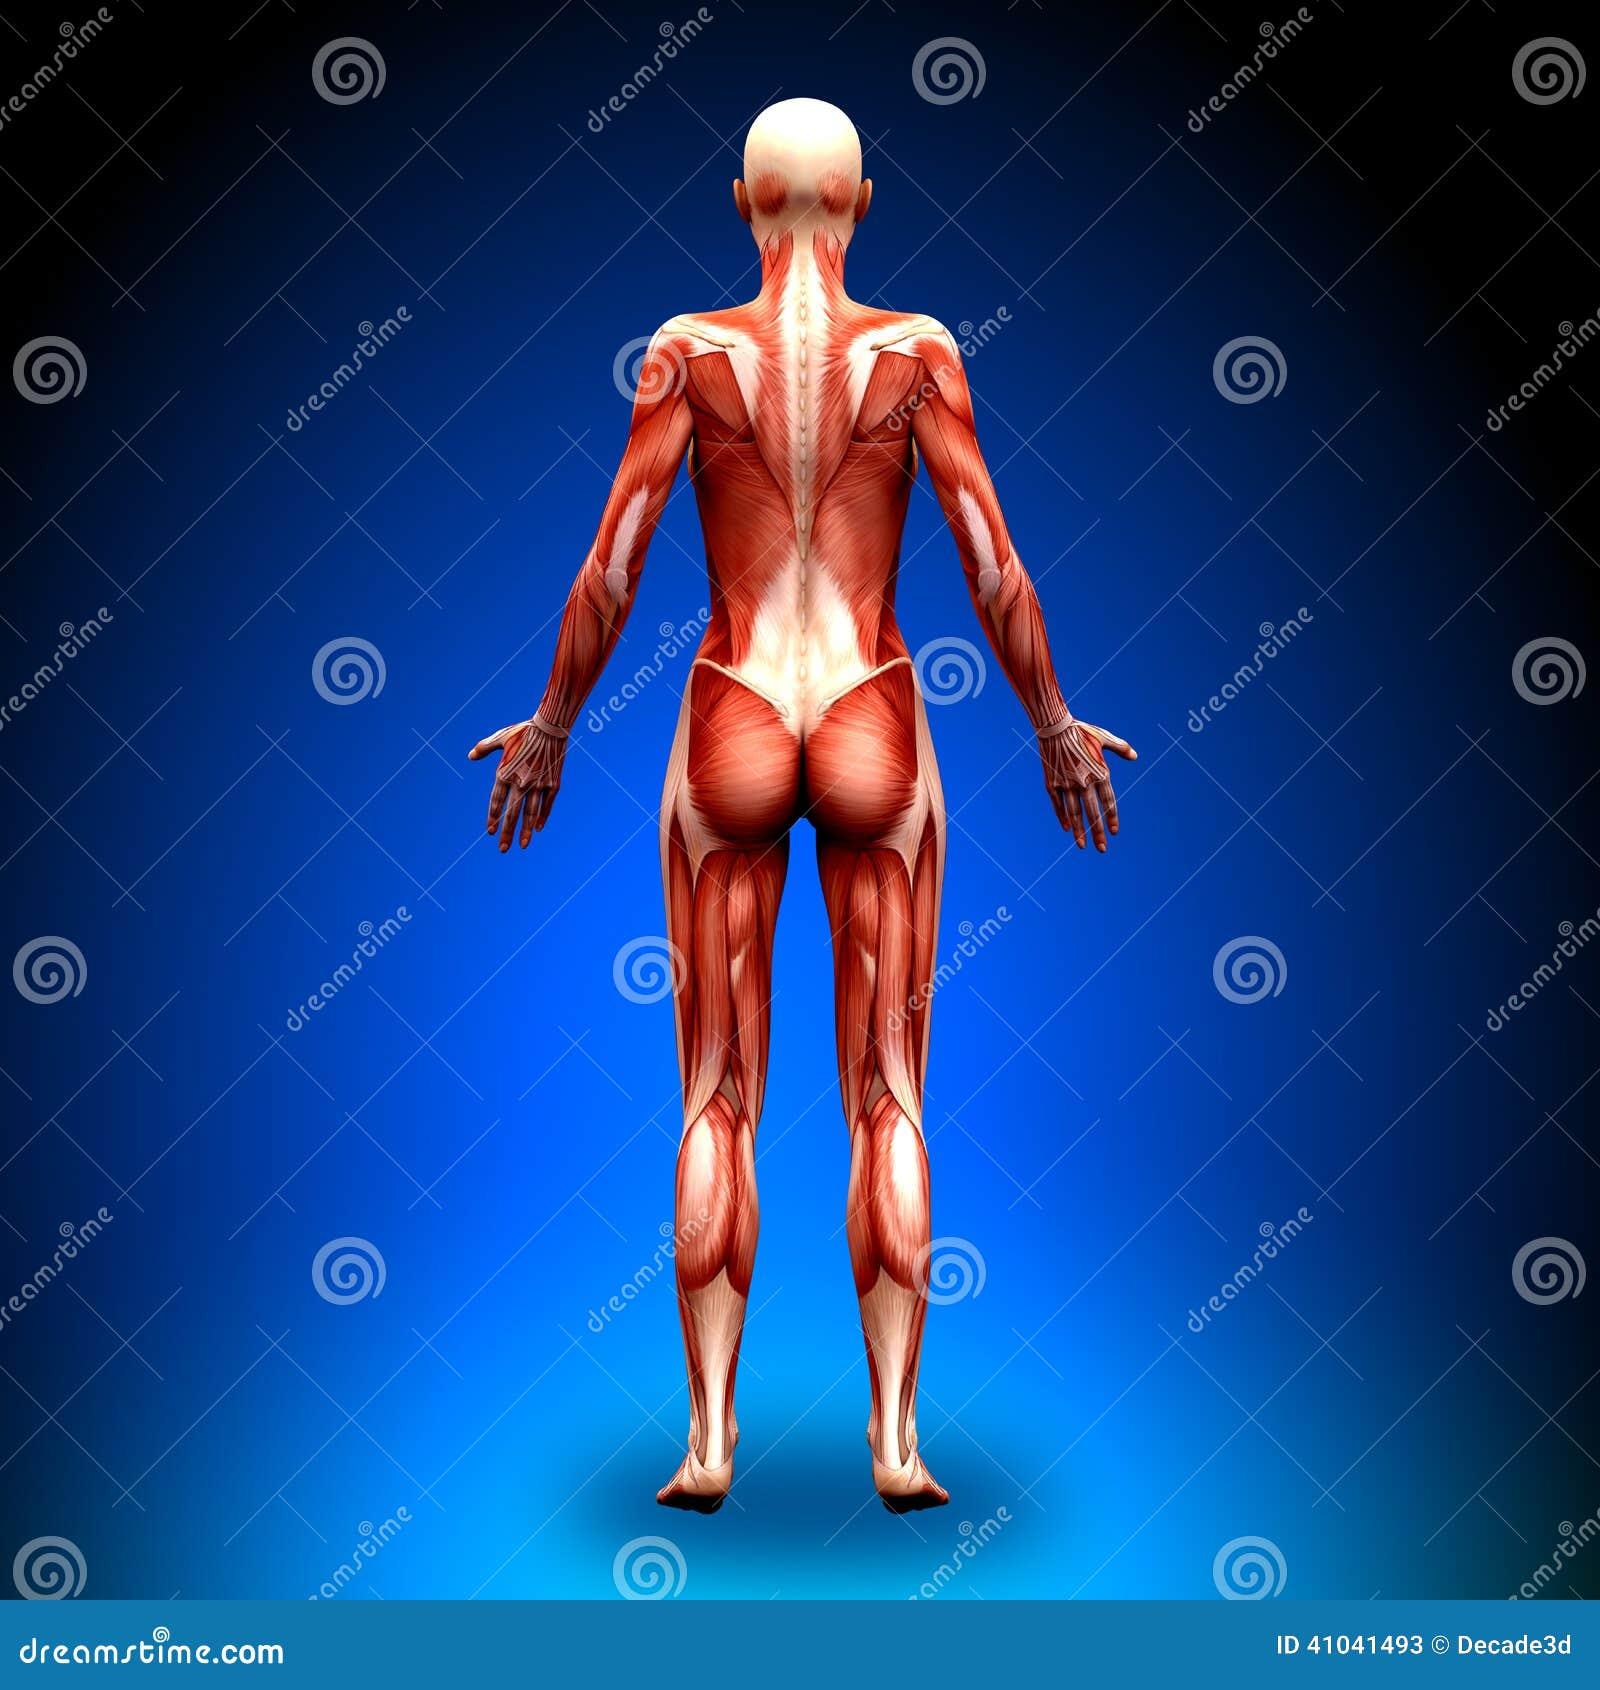 Visión Posterior - Músculos Femeninos De La Anatomía Stock de ...